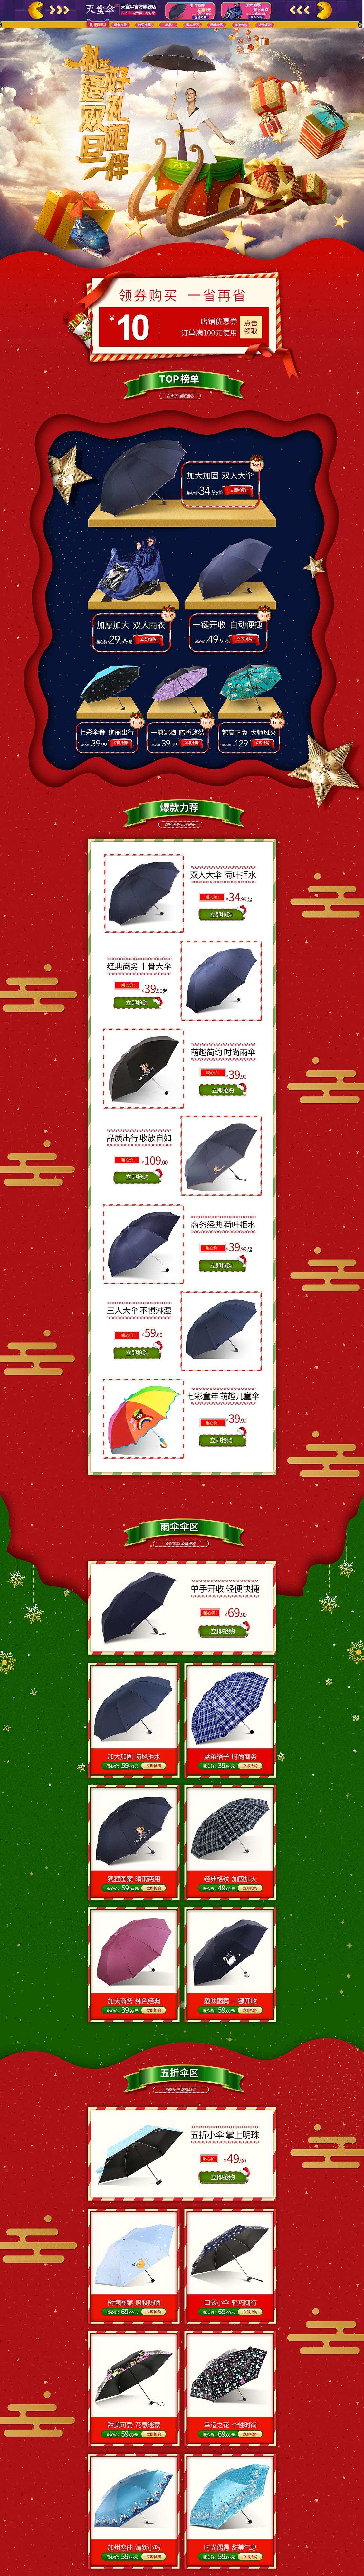 天国伞家居用品日用百货圣诞节